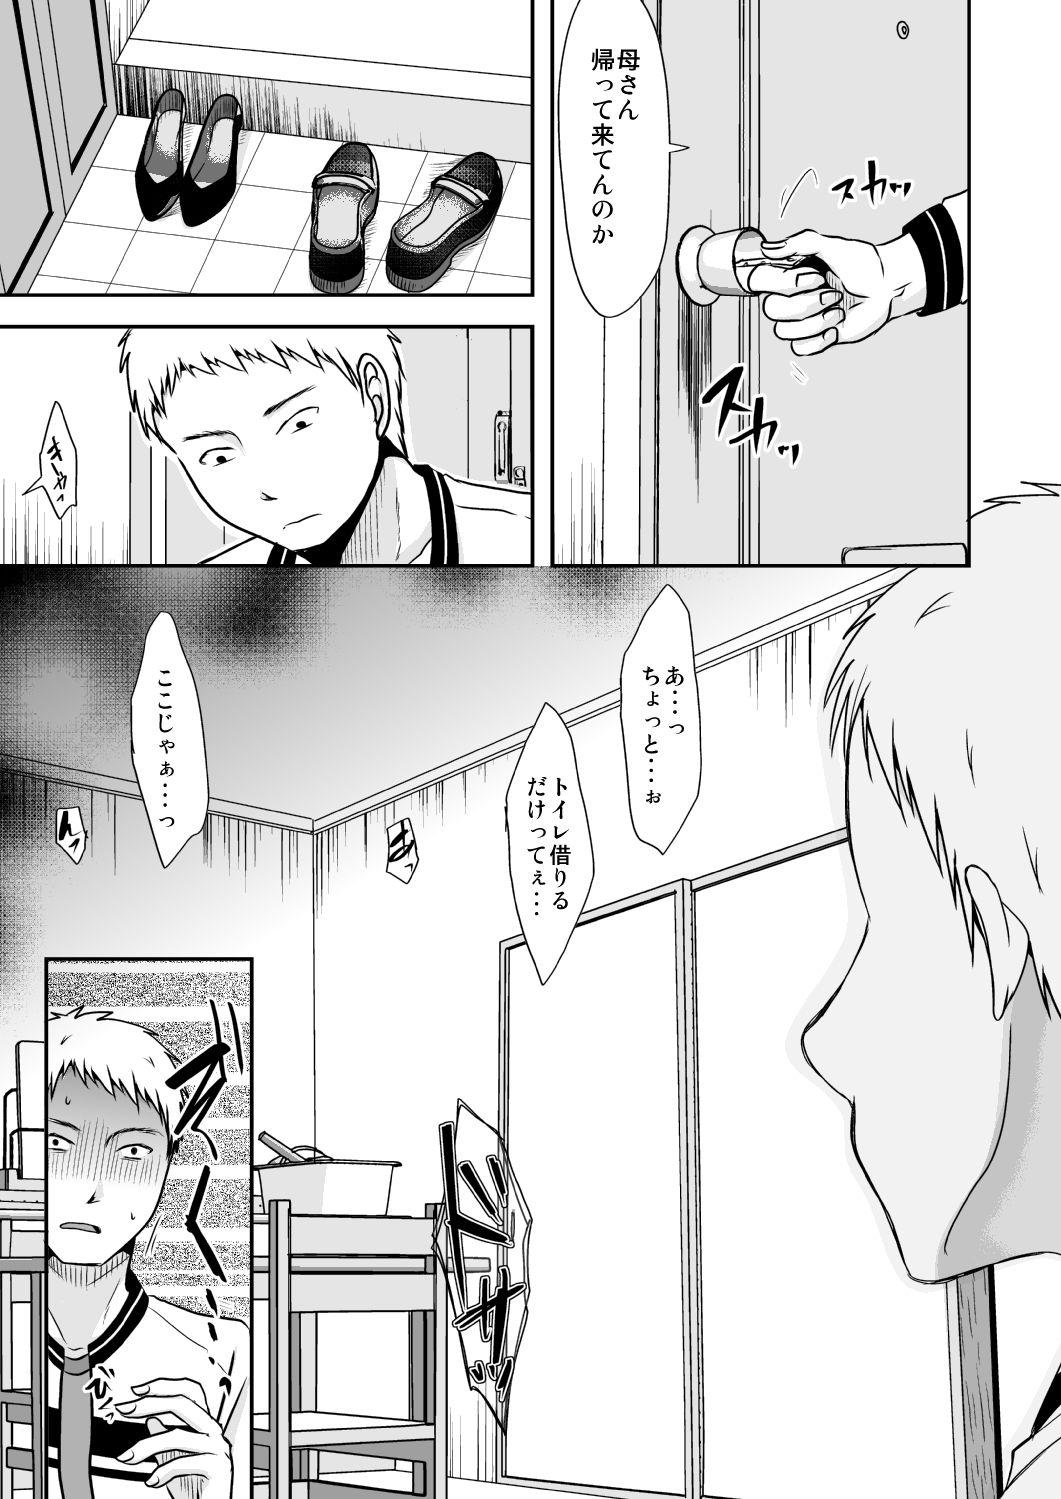 【エロ漫画無料大全集】バイトから帰ってきたら母ちゃんと知らない男がエッチなことしてるんだが…【うちに早く帰ったら: TTSY】